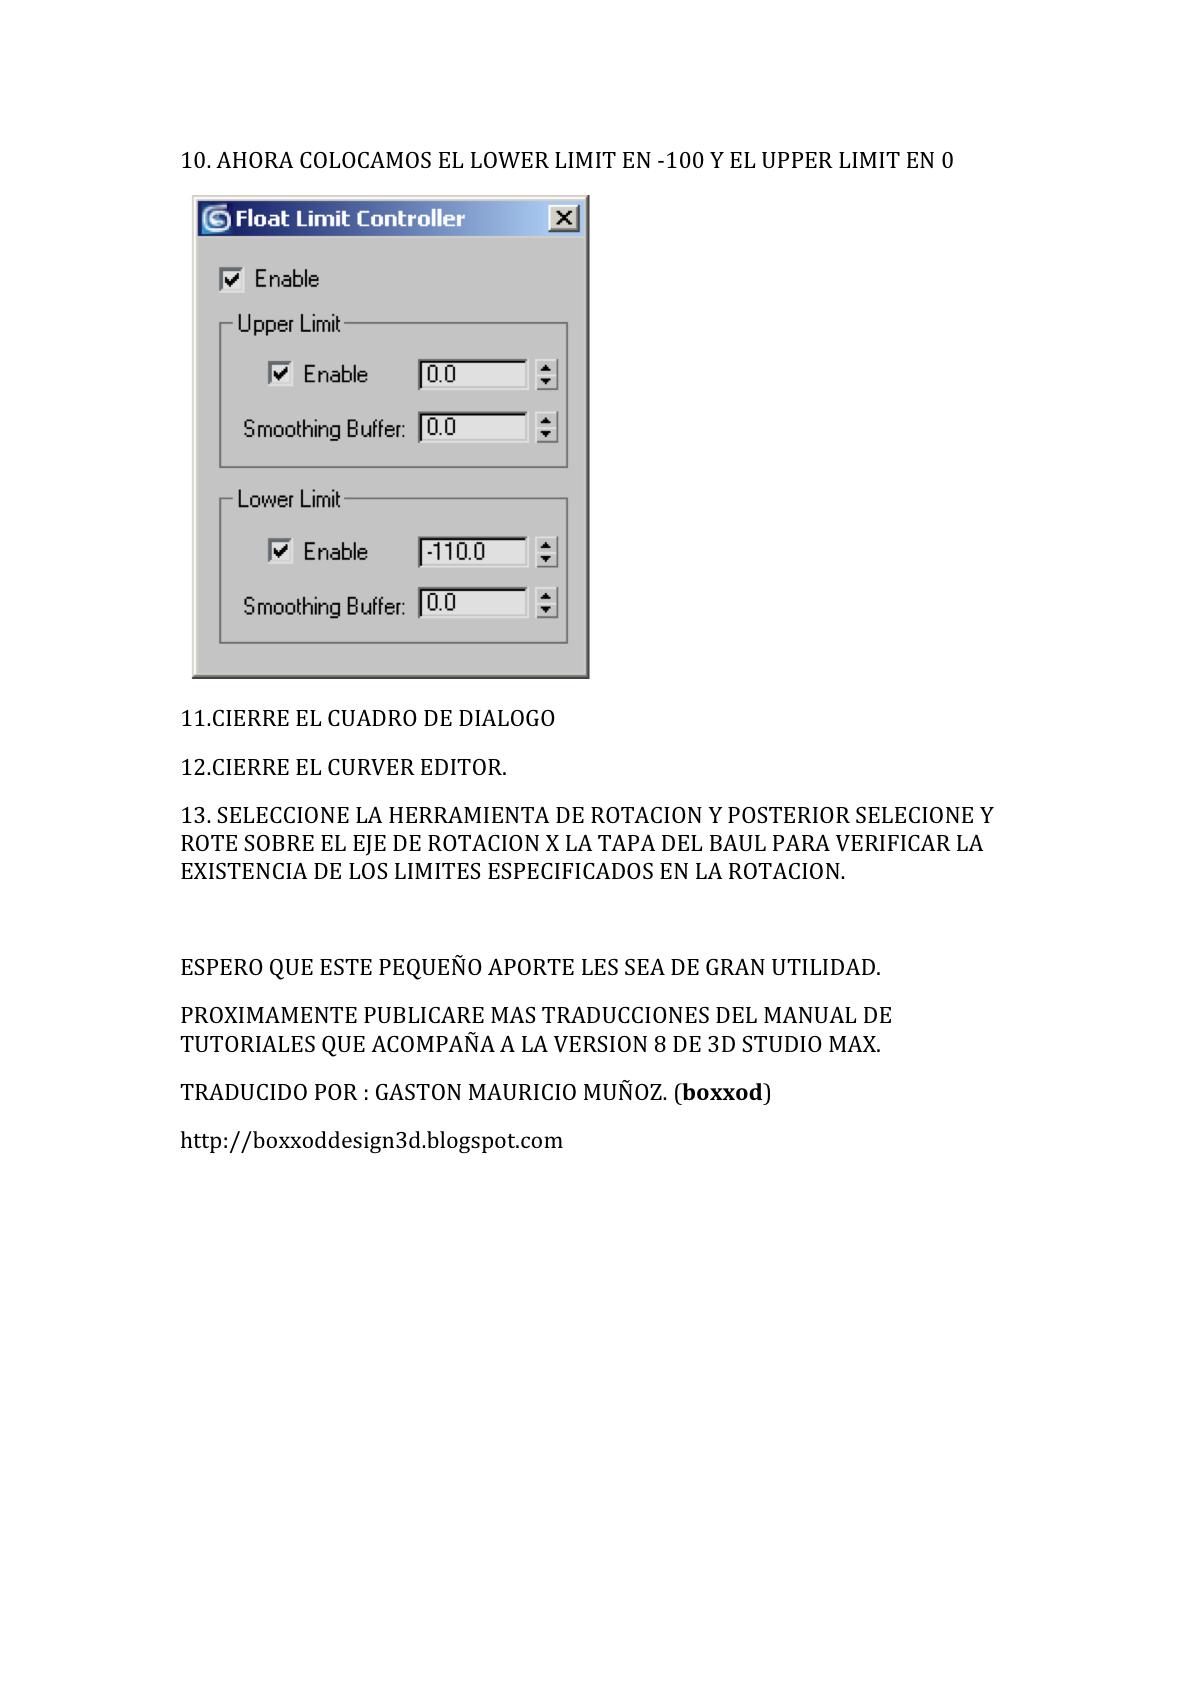 autodesk infraworks tutorial pdf español